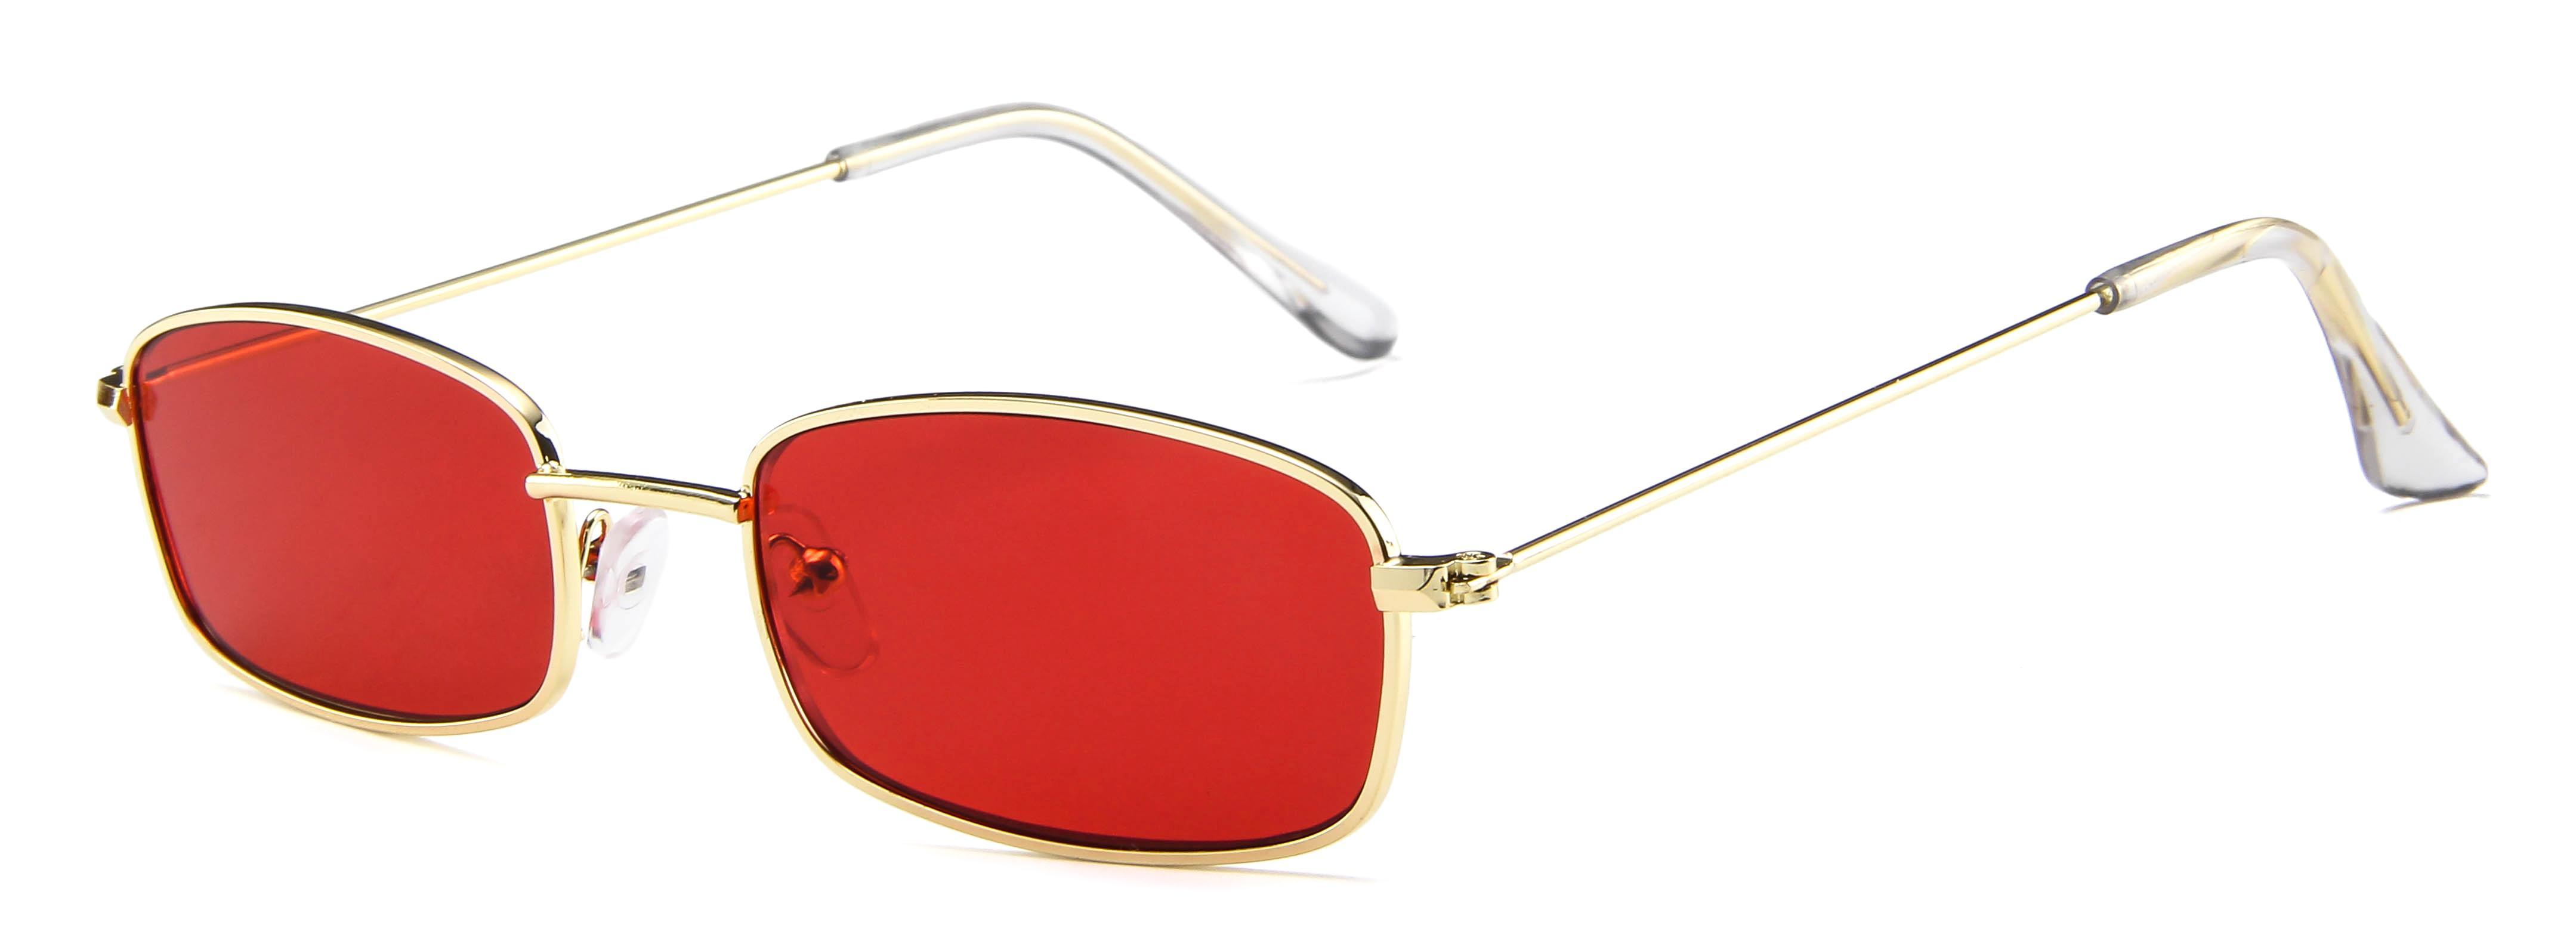 Бесплатная доставка по Европе и горячие солнечные очки США, Спорт Велоспорт глаз солнцезащитные очки для мужчин Мода Dazzle Цвет Зеркала очки Frame солнцезащитные очки